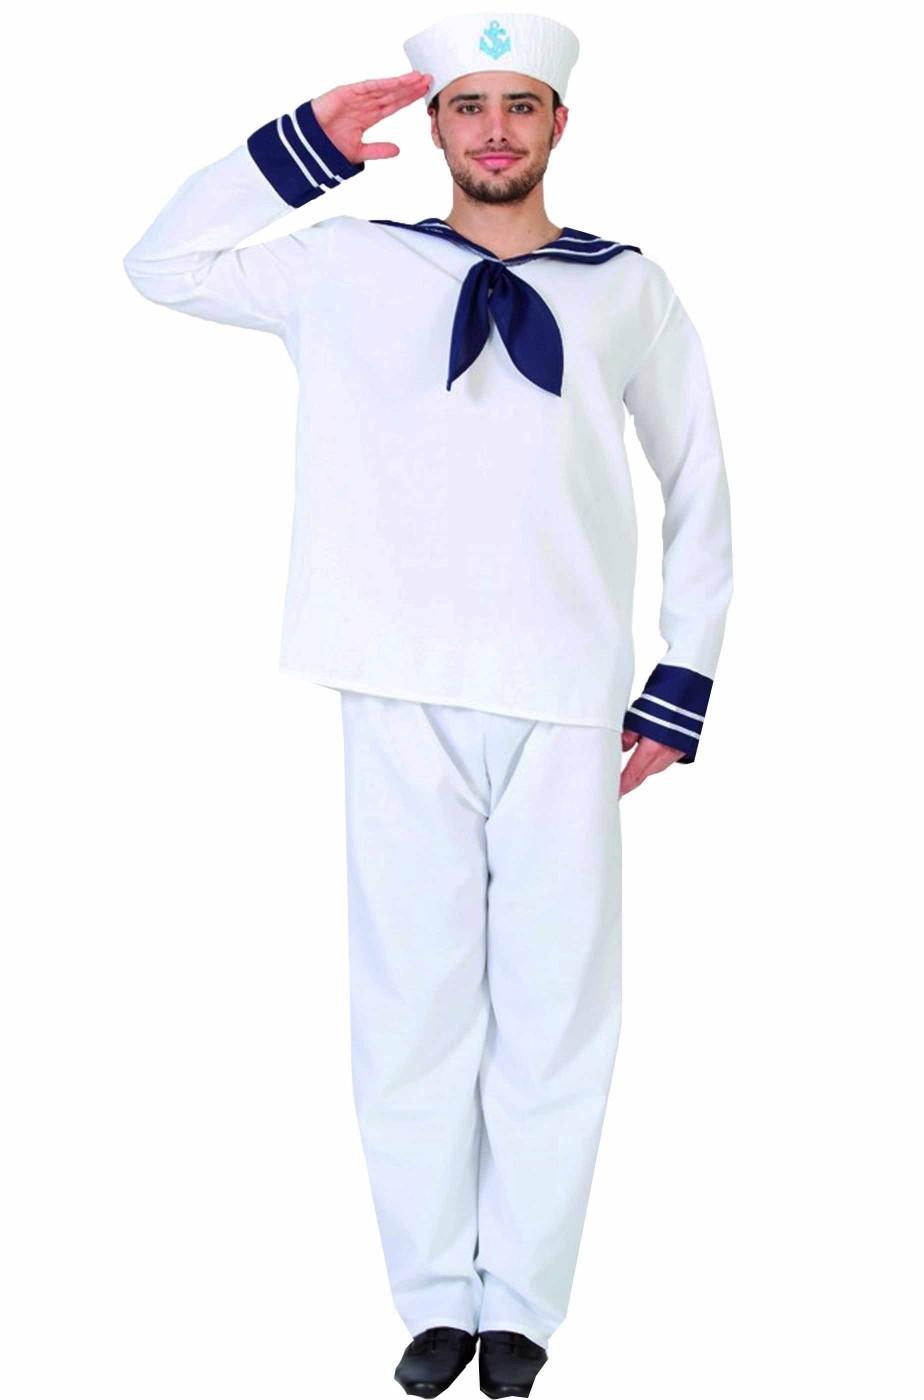 Vestito di Carnevale da Marinaio uomo adulto divisa bianca